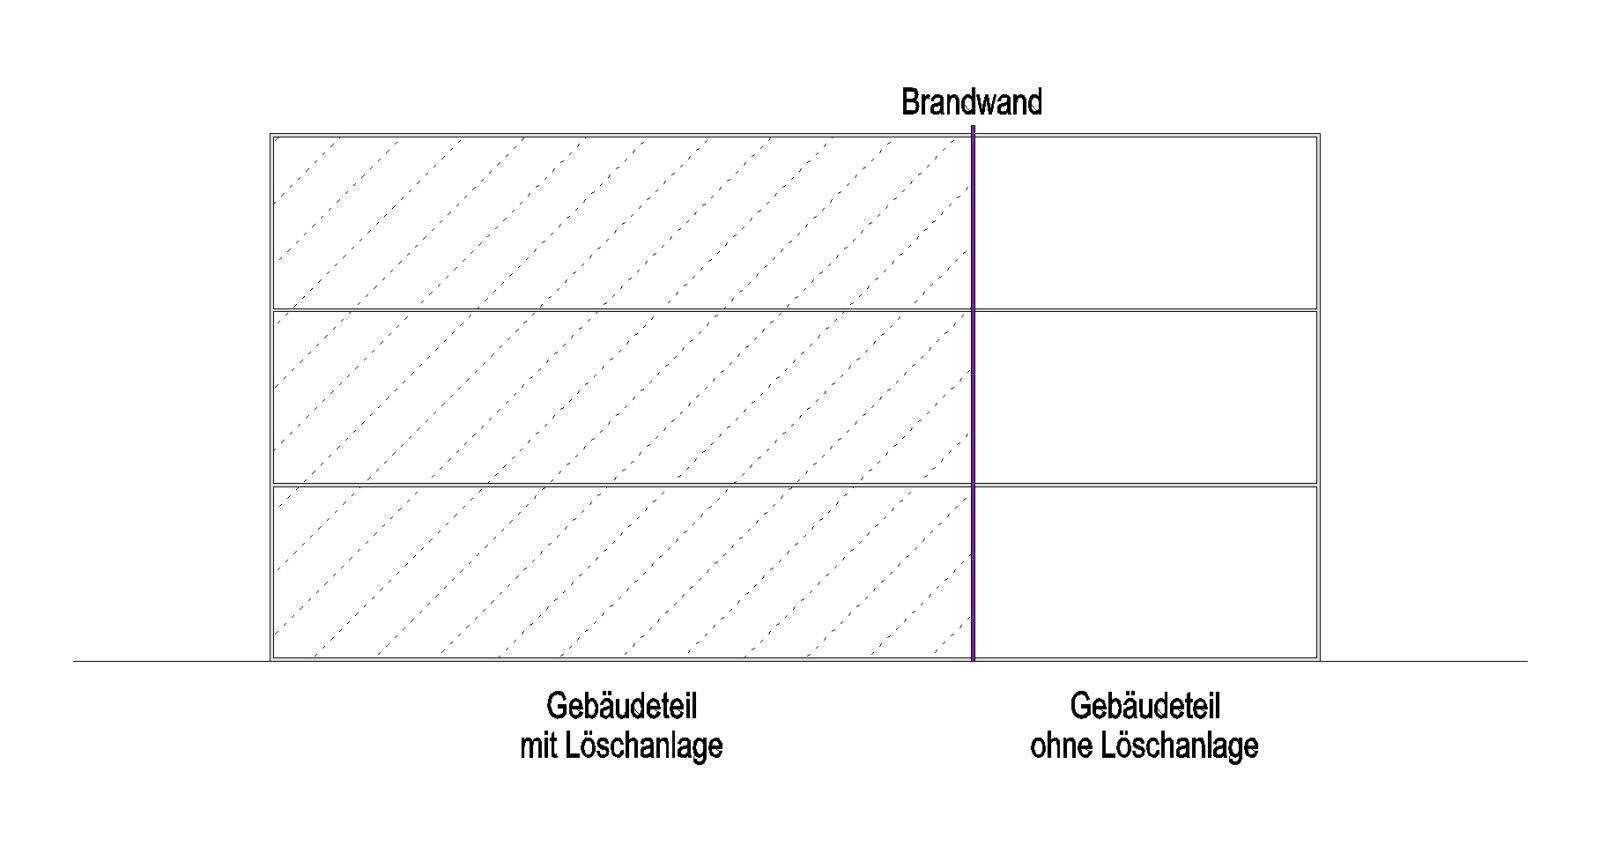 04_02_002_Gebäude mit unterschiedlich geschützten Bereichen_Grafik_brandschutz-plus-eberl-pacan-brandschutzplaner